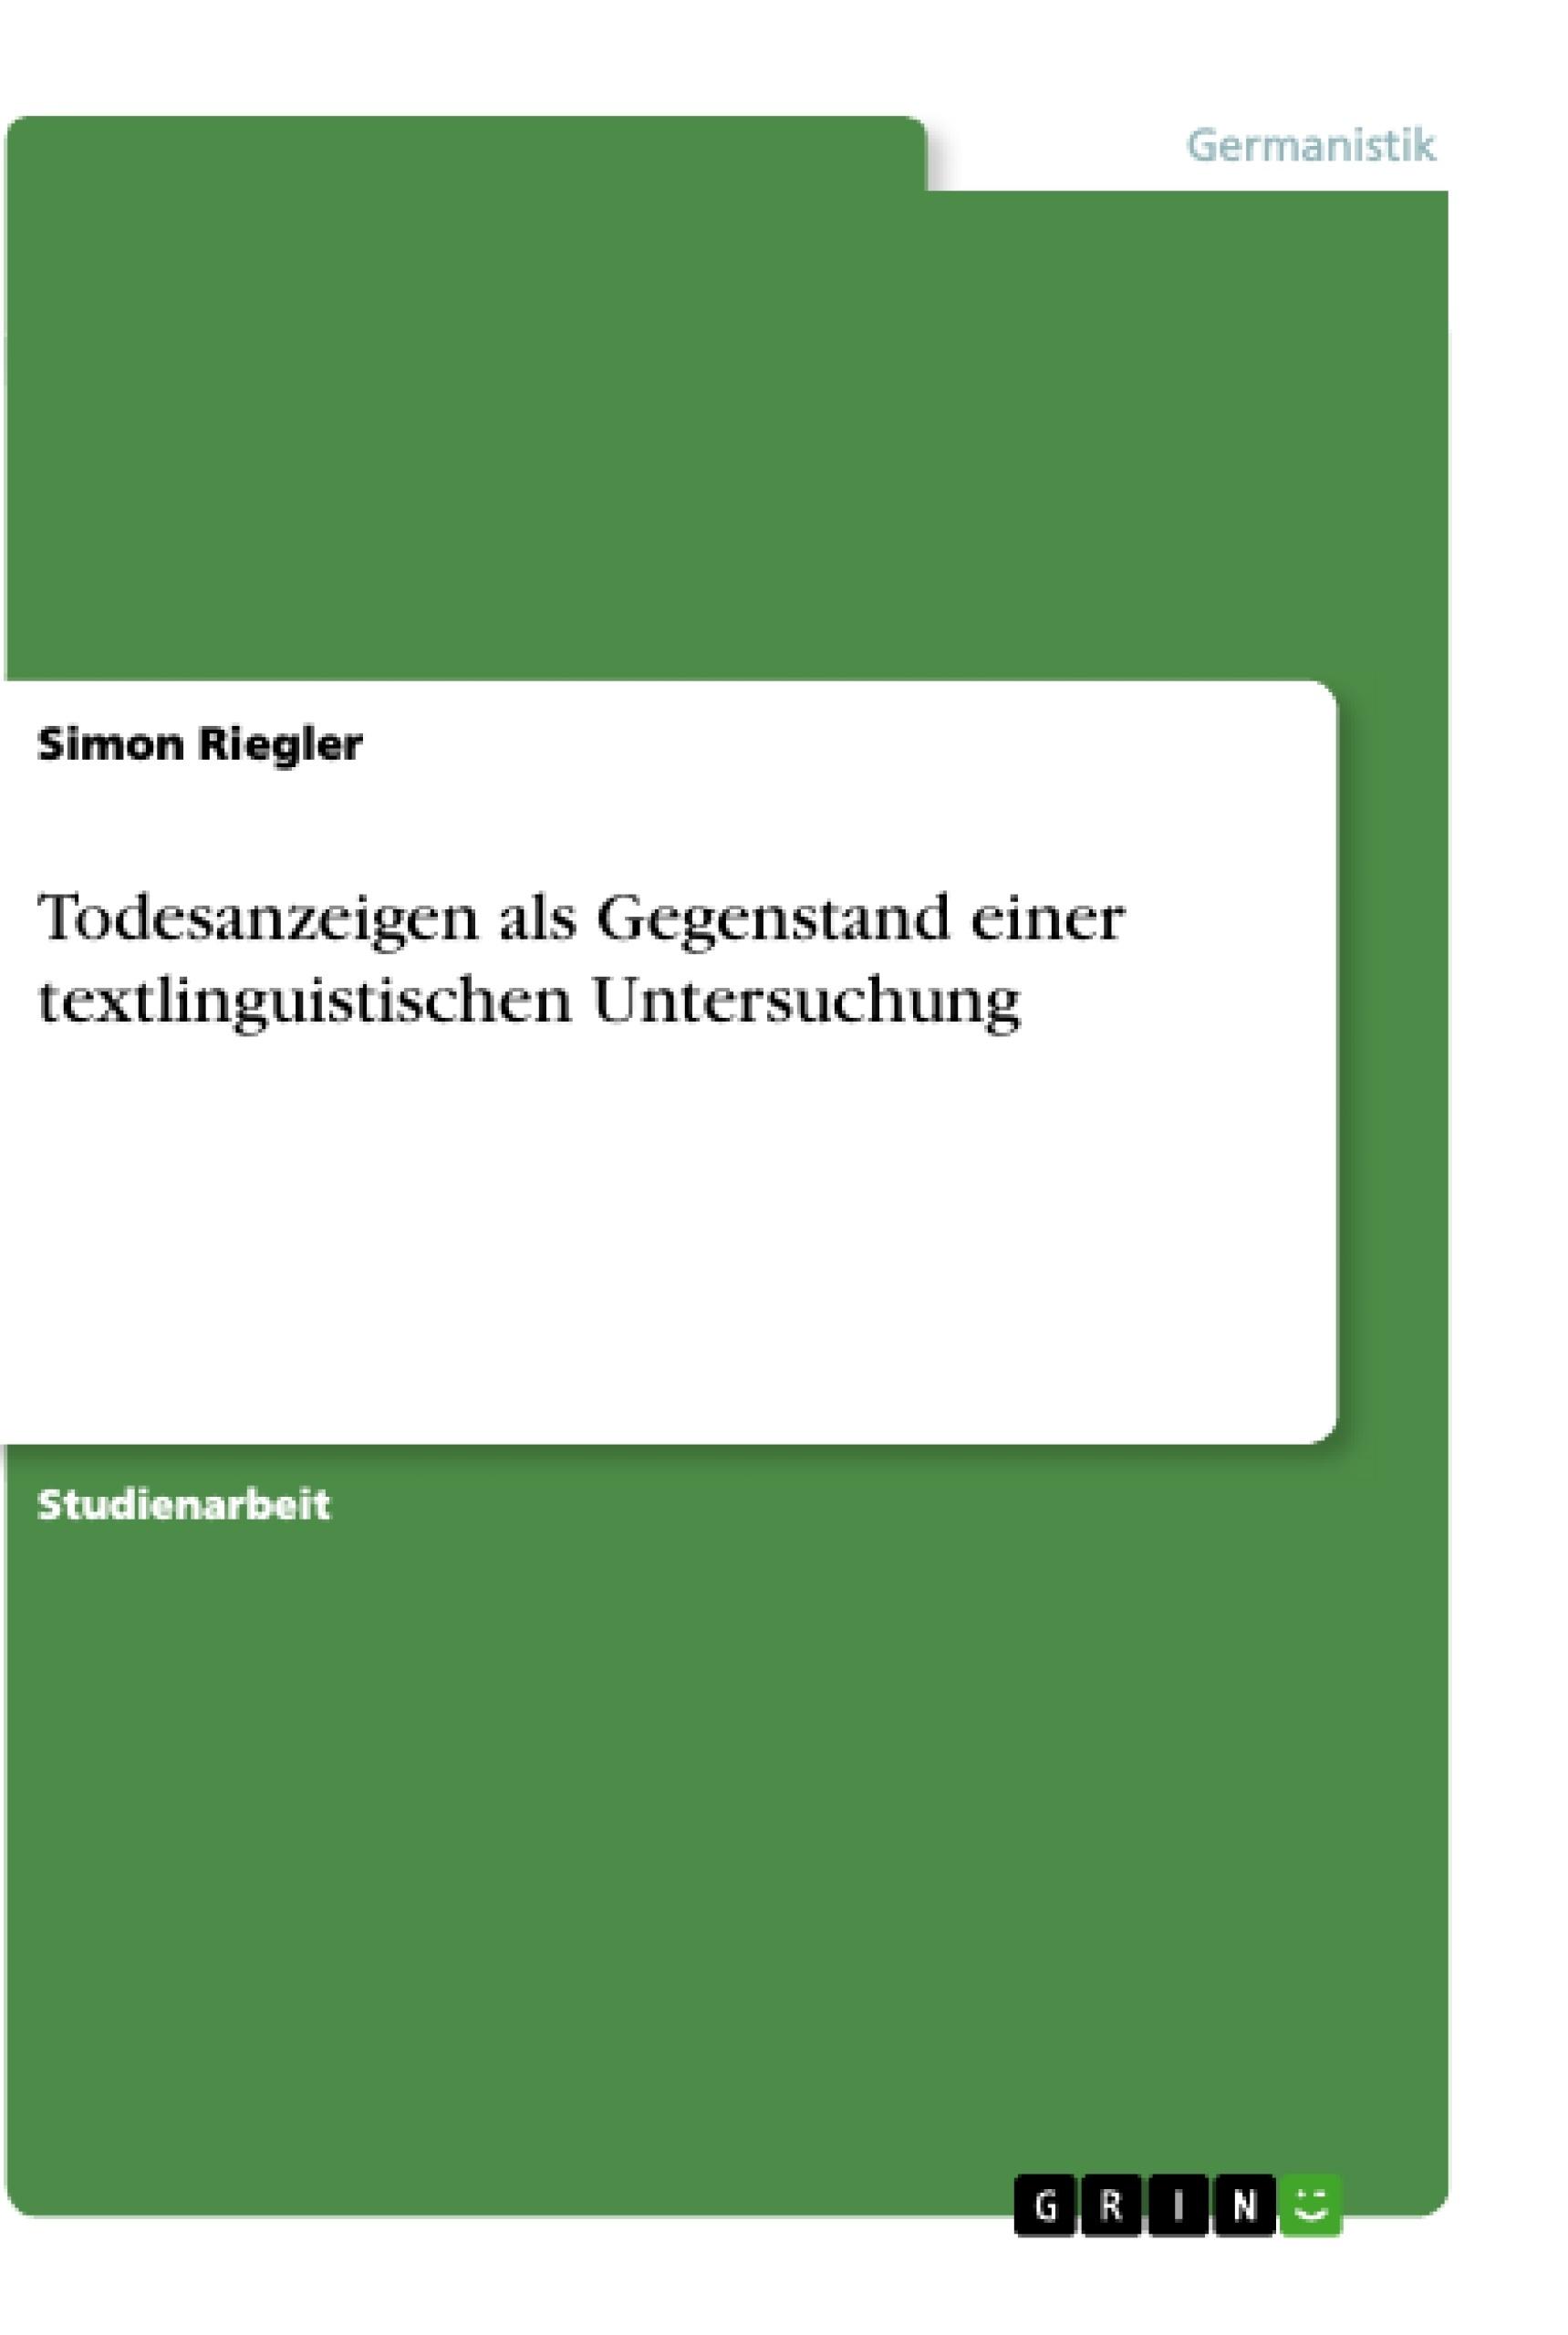 Titel: Todesanzeigen als Gegenstand einer textlinguistischen Untersuchung